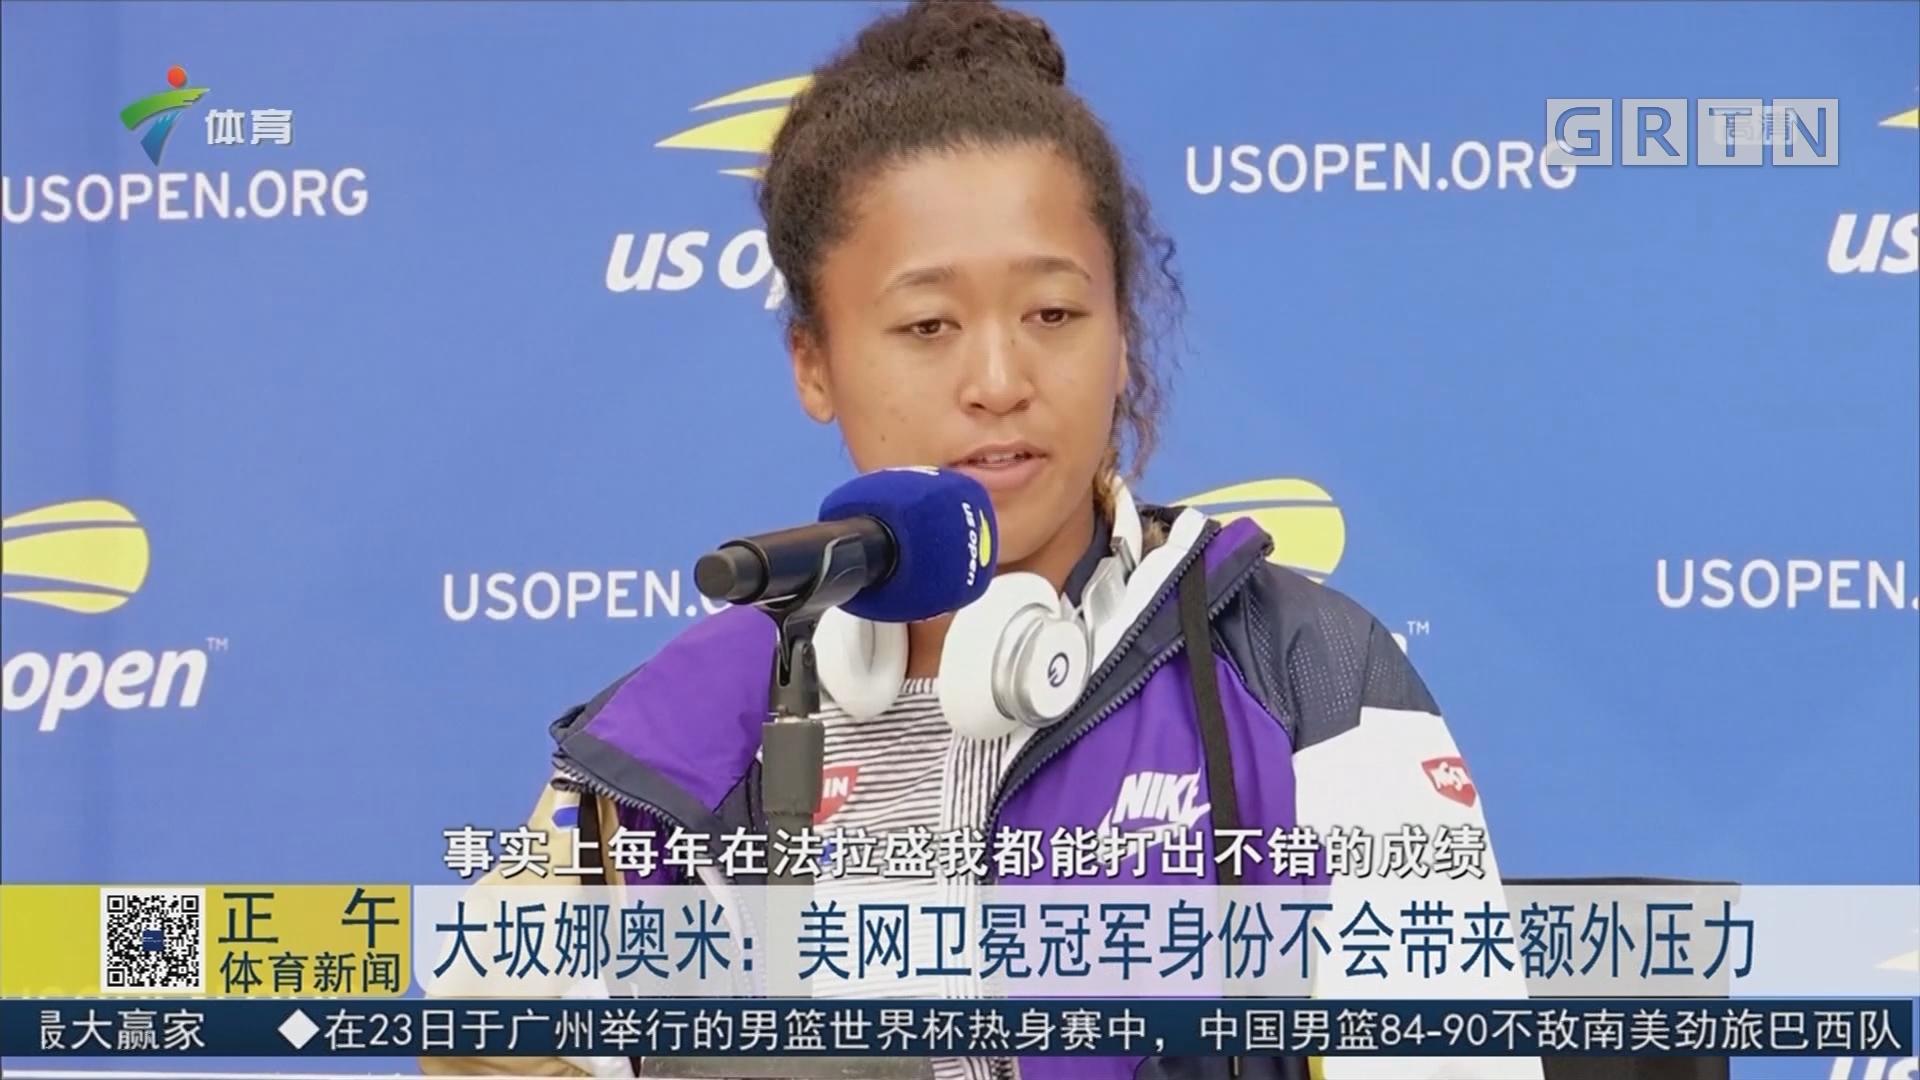 大坂班娜奥米:美网卫冕冠军身份不会带来额外压力